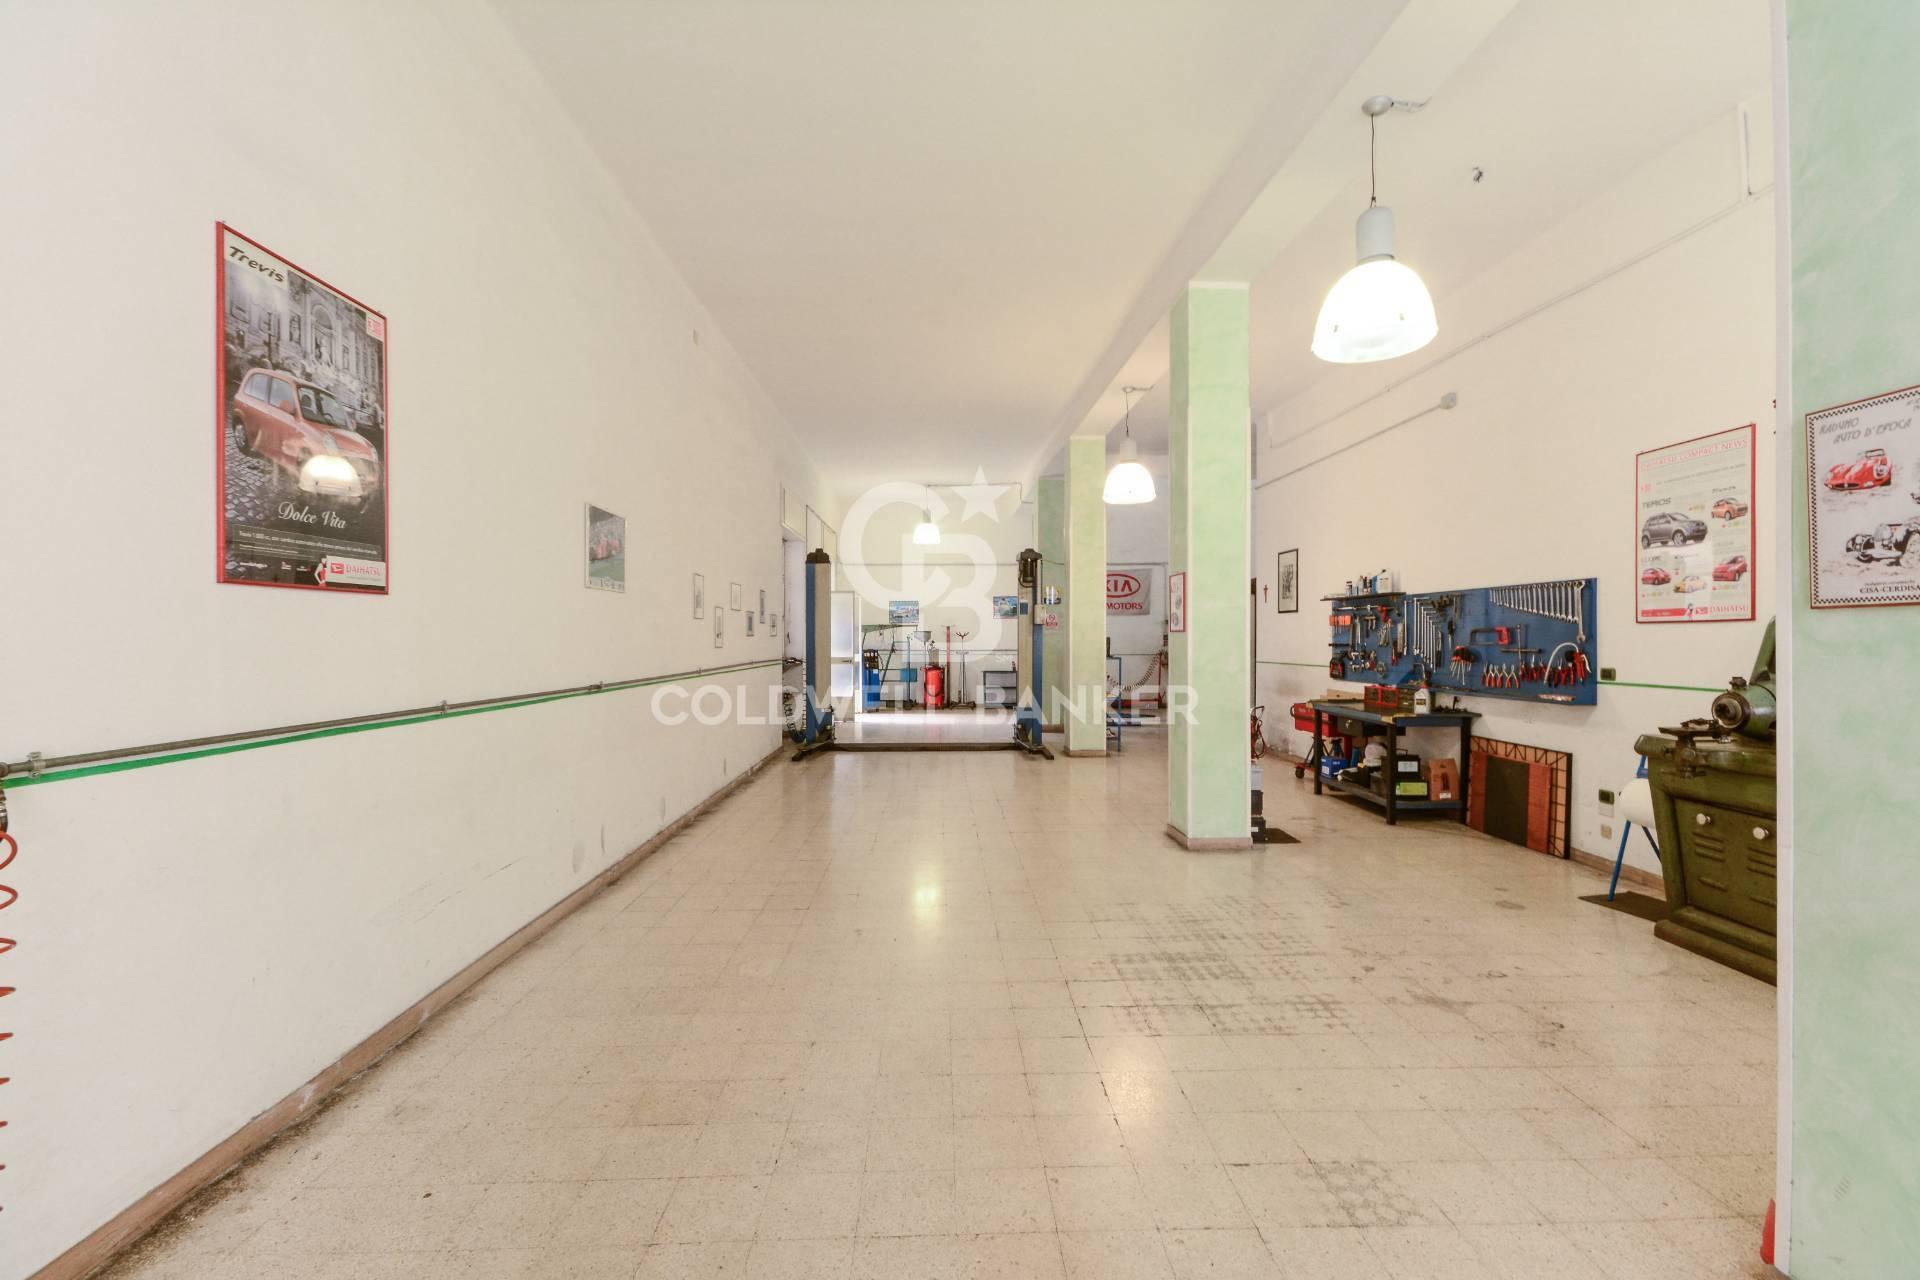 Fondo commerciale in vendita a Brindisi (BR)